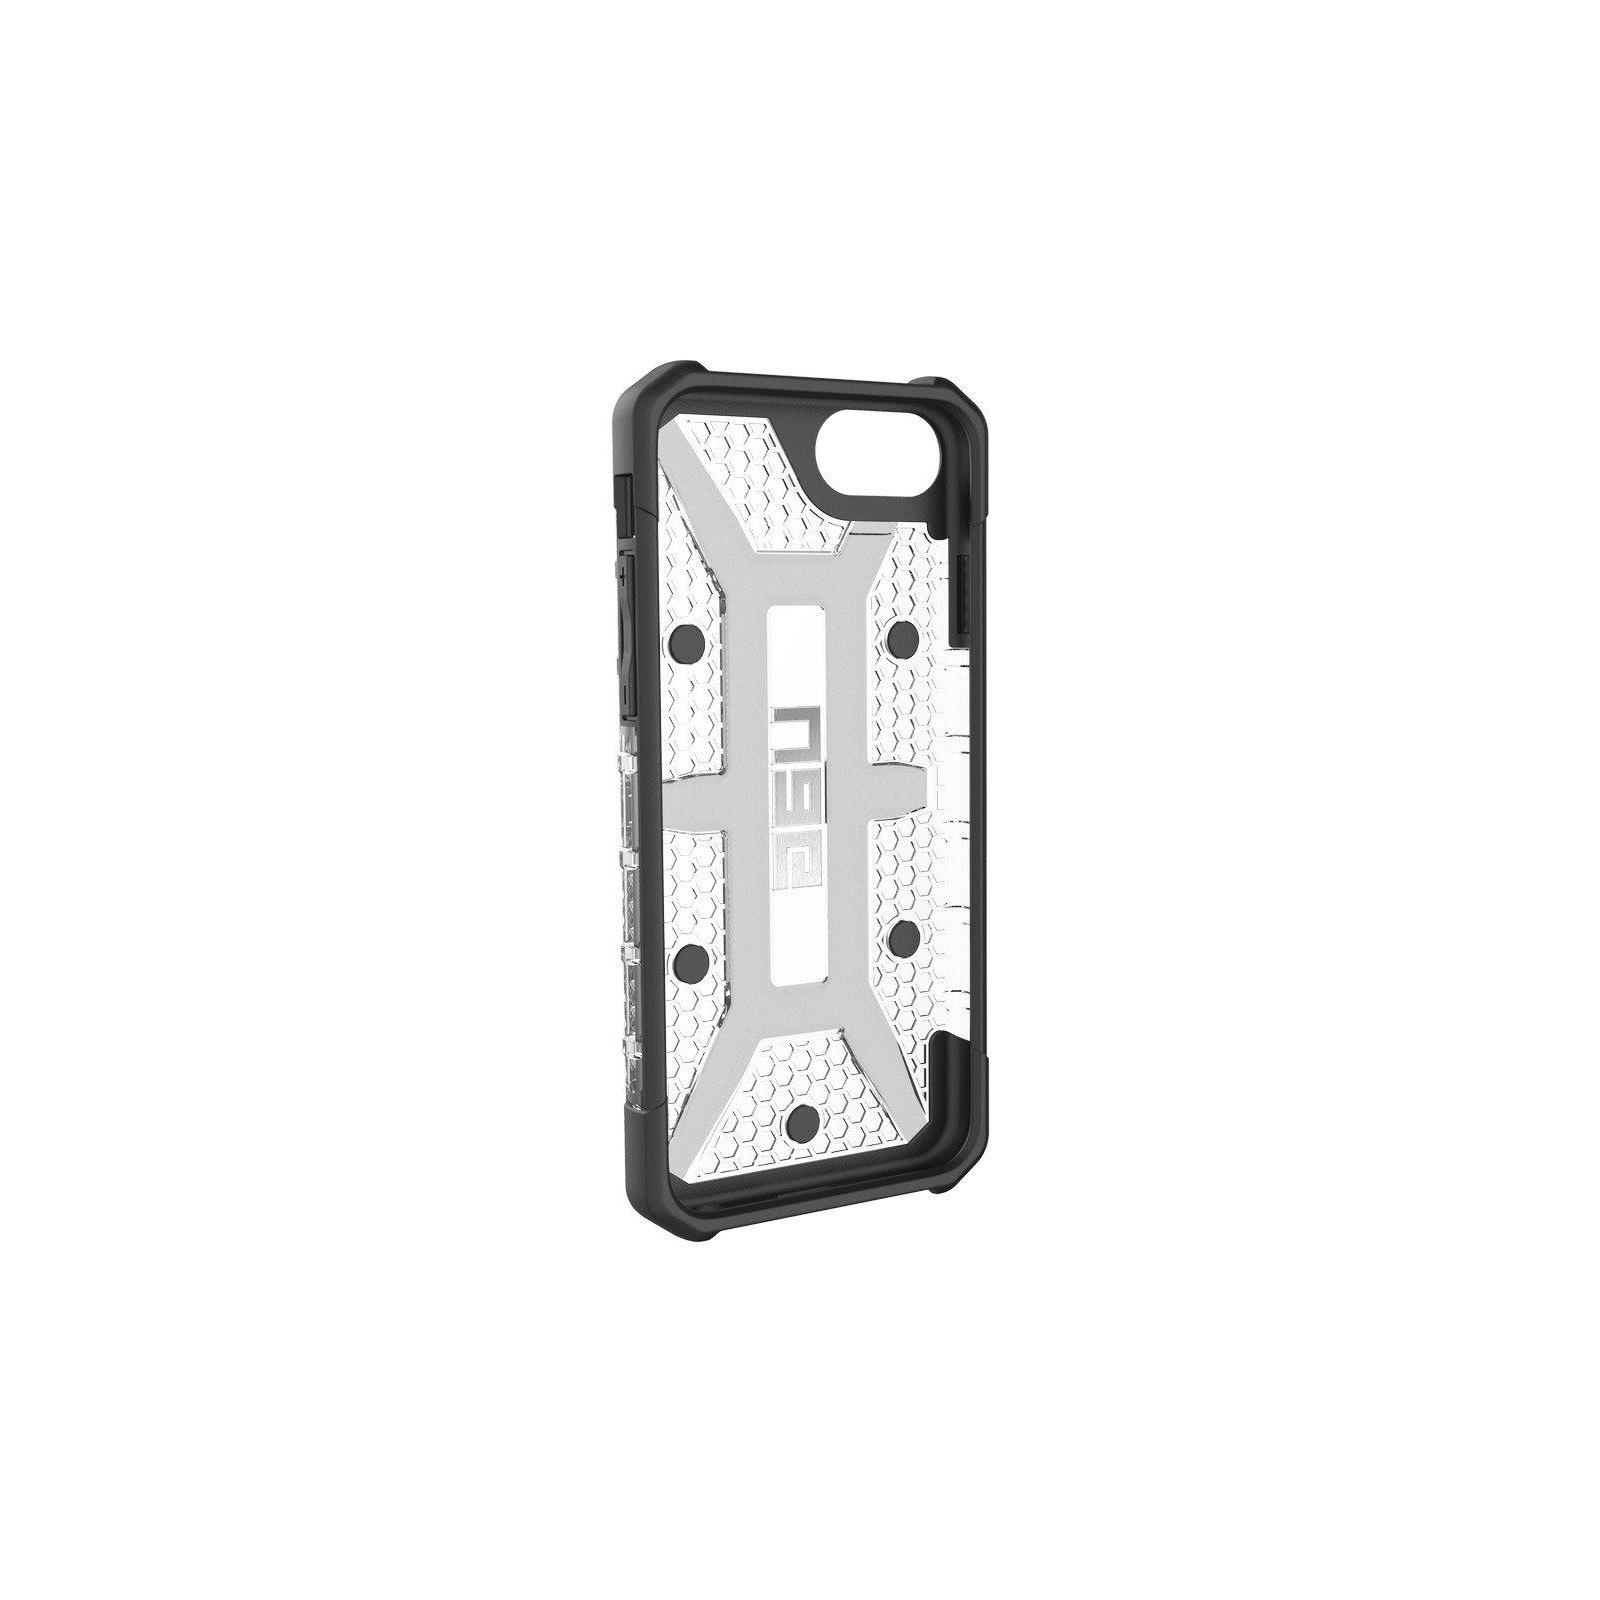 Чехол для моб. телефона UAG iPhone 8/7/6S Ice (Transpa) (IPH8/7-L-IC) изображение 2